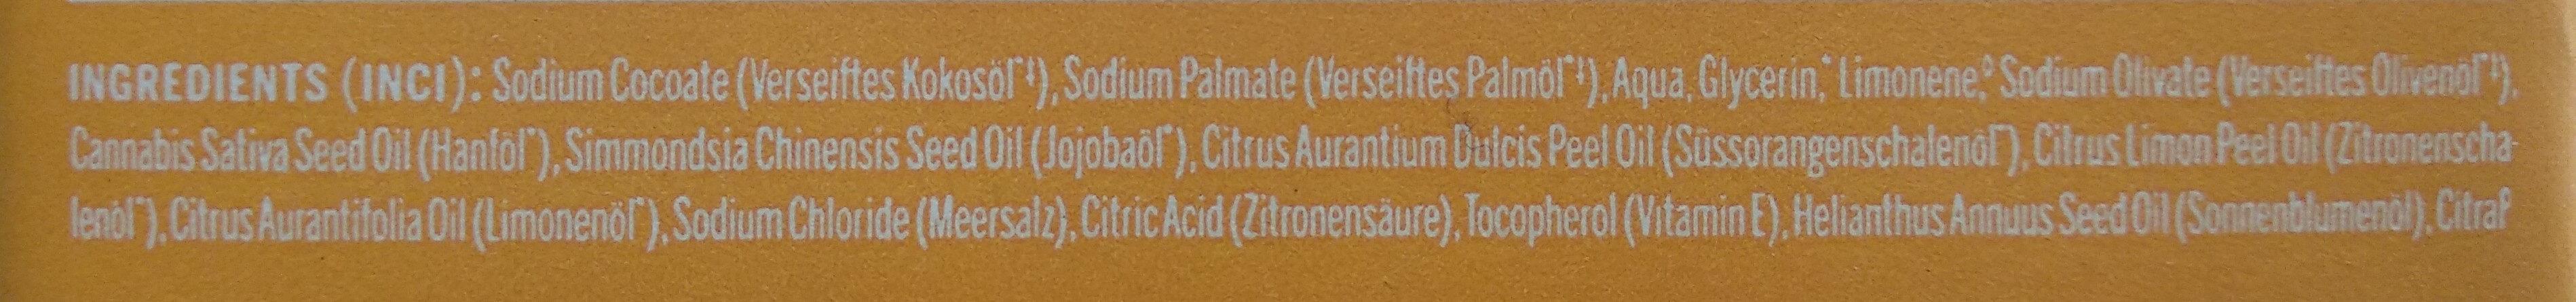 All-One Zitrus-Orange Reine Naturseife - Ingredients - de